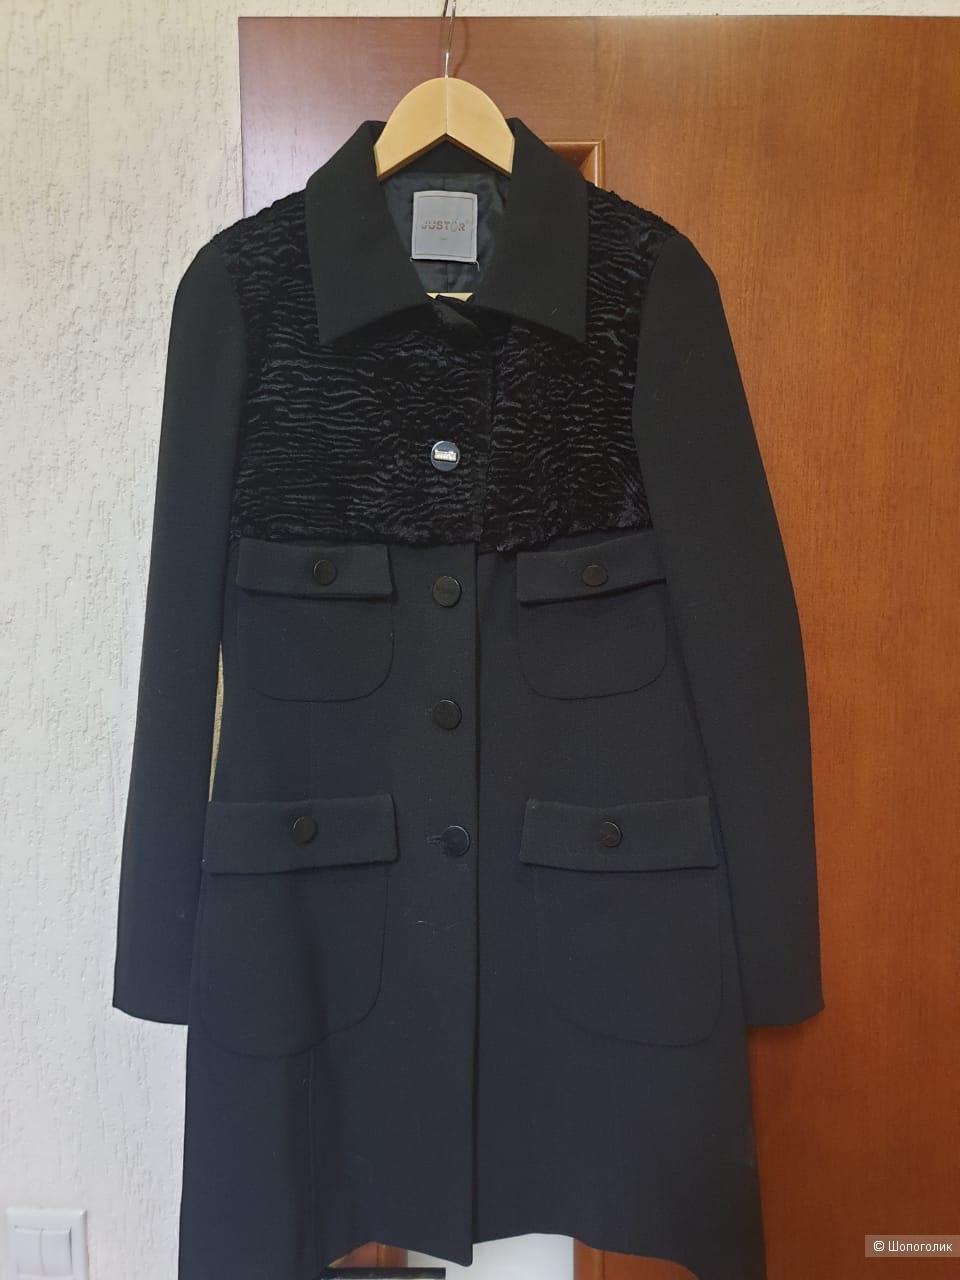 Пальто итальянского бренда JAST-R, размер s.